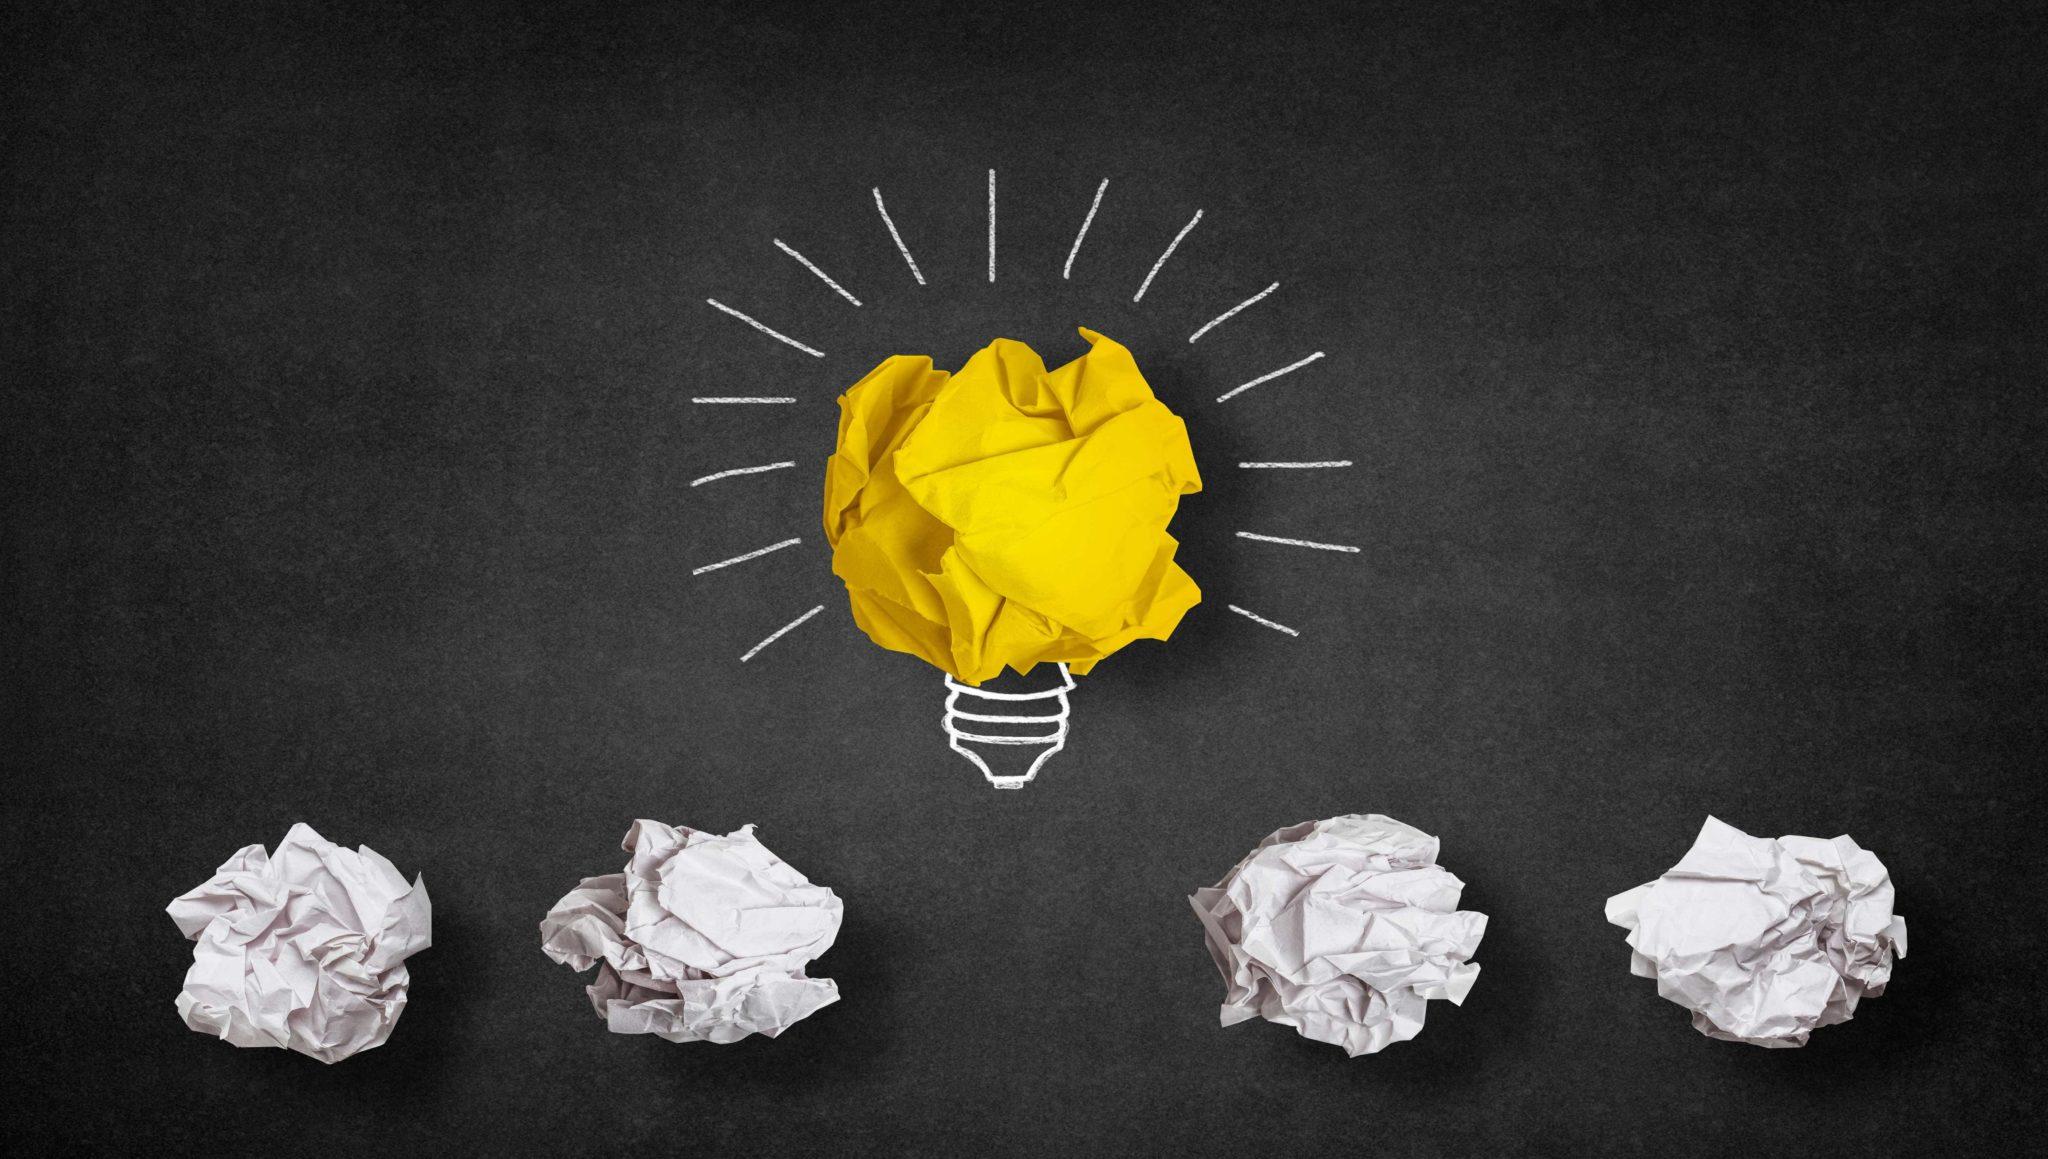 چالش فناوری و نوآوری ، آی چلنج